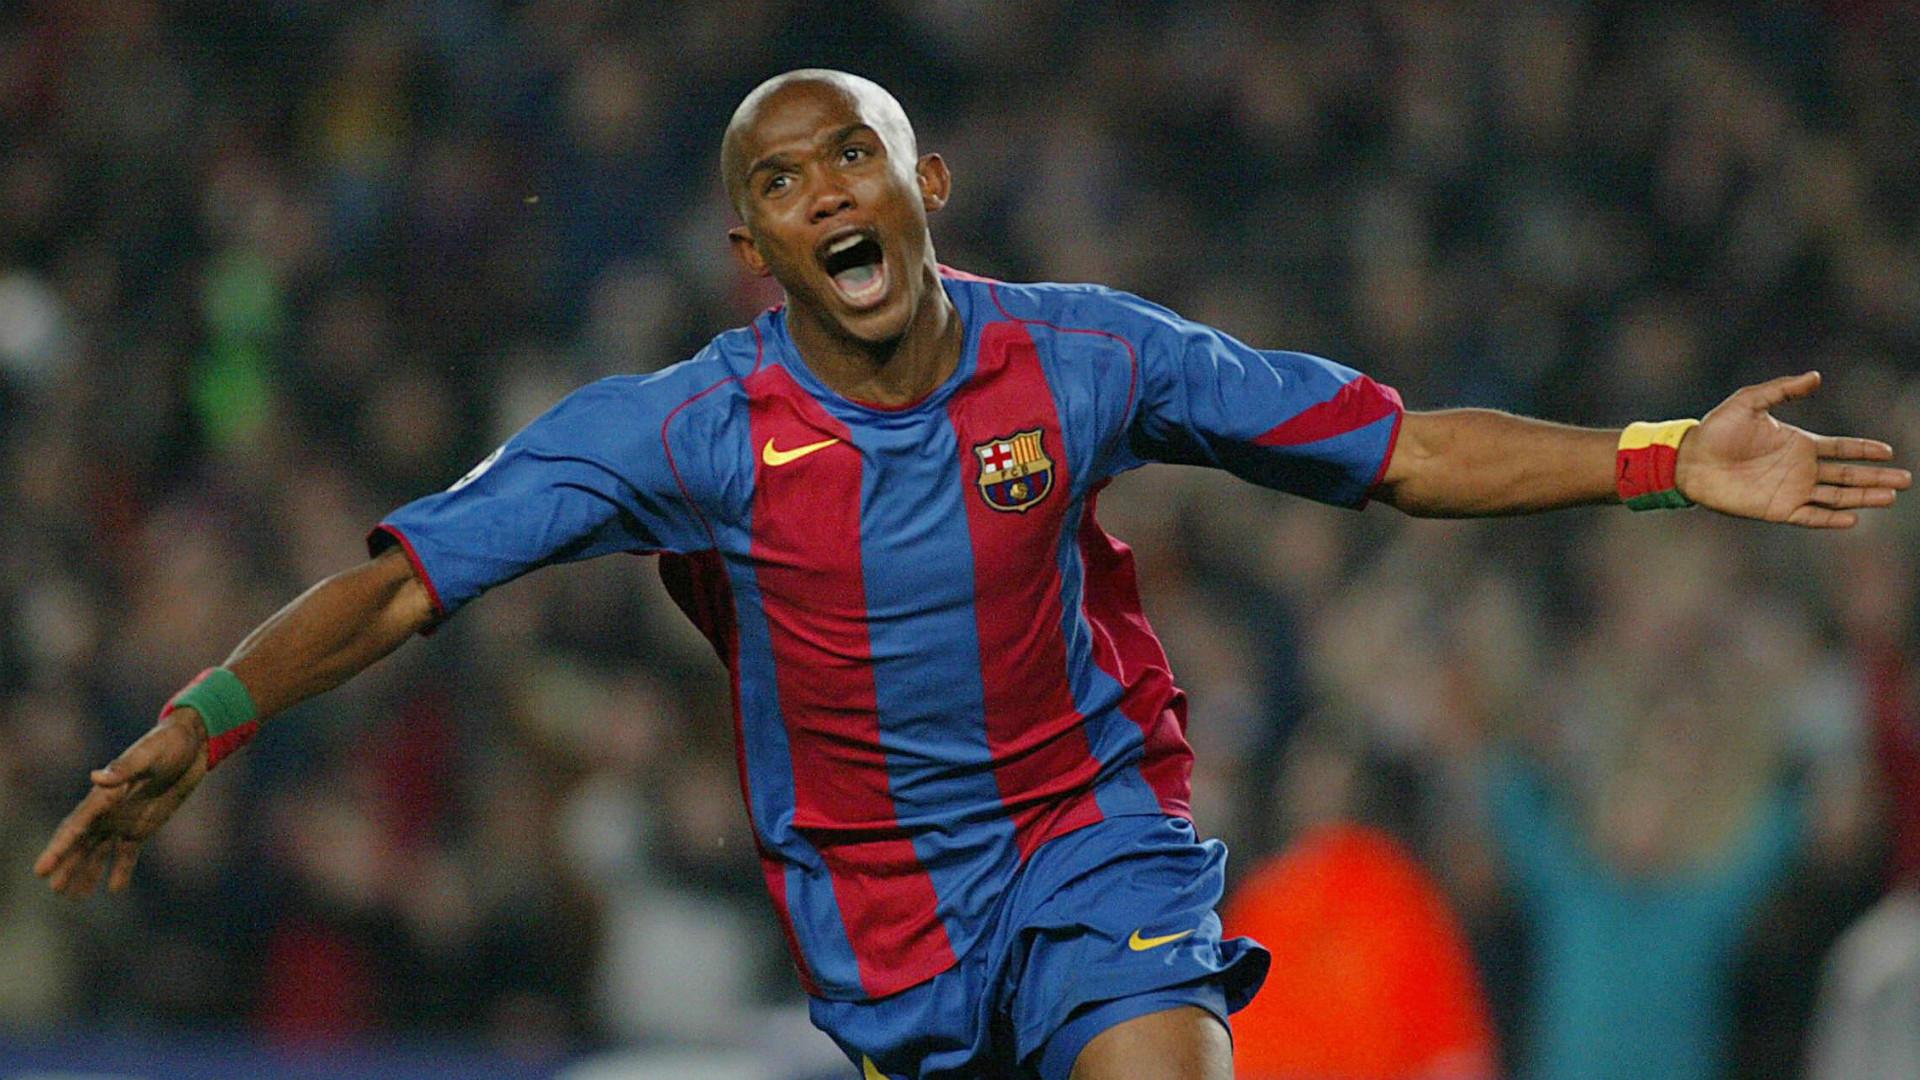 Image Result For En Vivo Barcelona Vs Chelsea En Vivo Goal Highlights